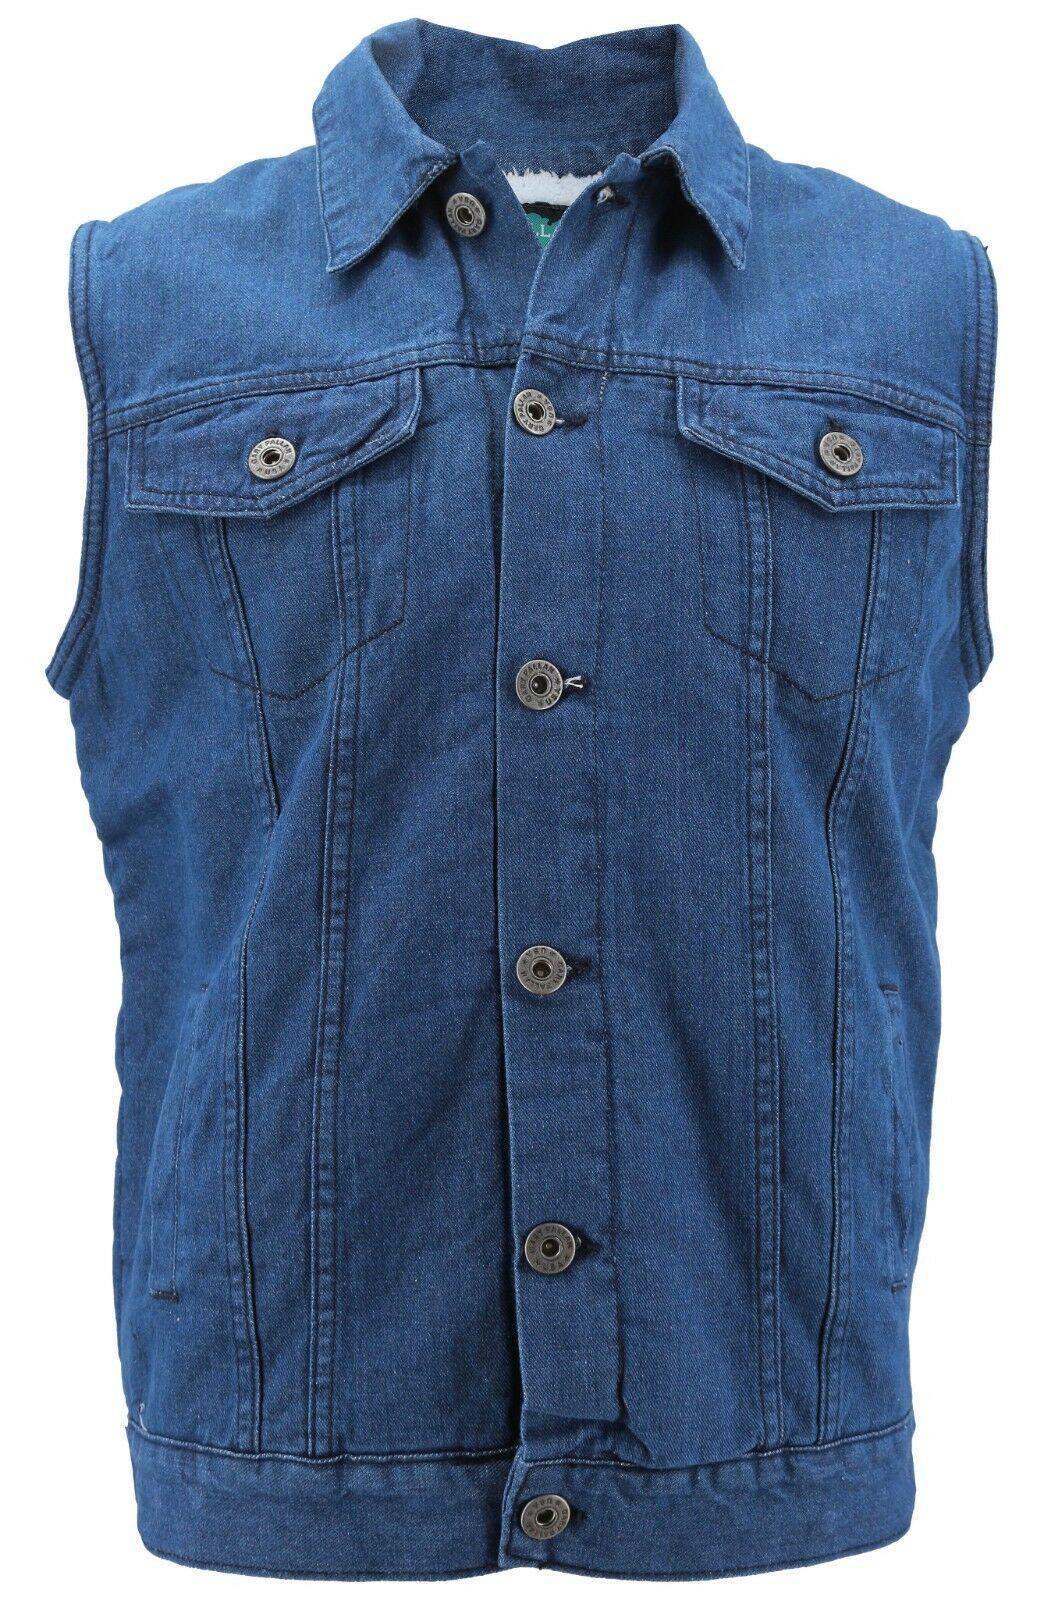 Gary Pallan USA Men's Sherpa Fleece Lined Cotton Denim Jean Trucker Vest